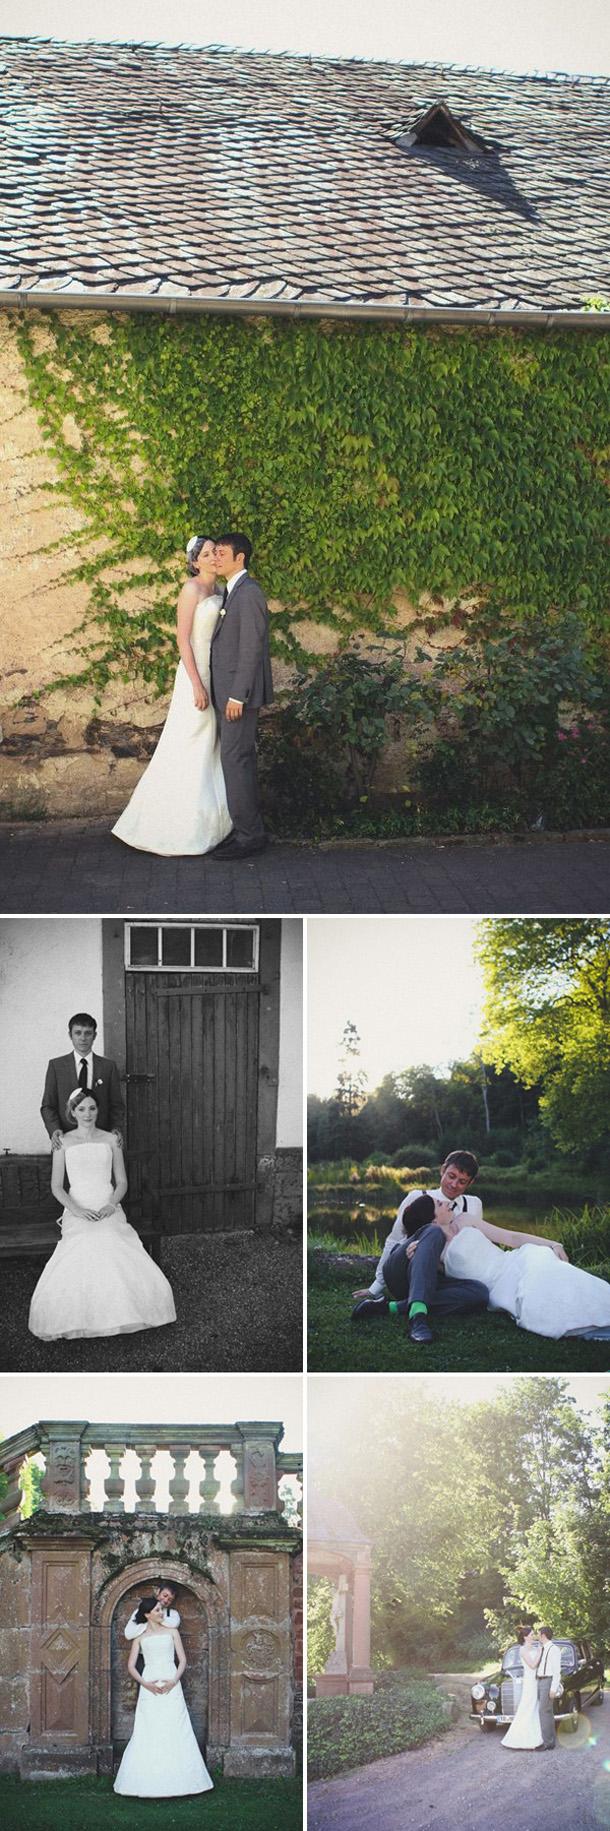 Stefanie und Ralf im DIY-Hochzeitswahn Teil II